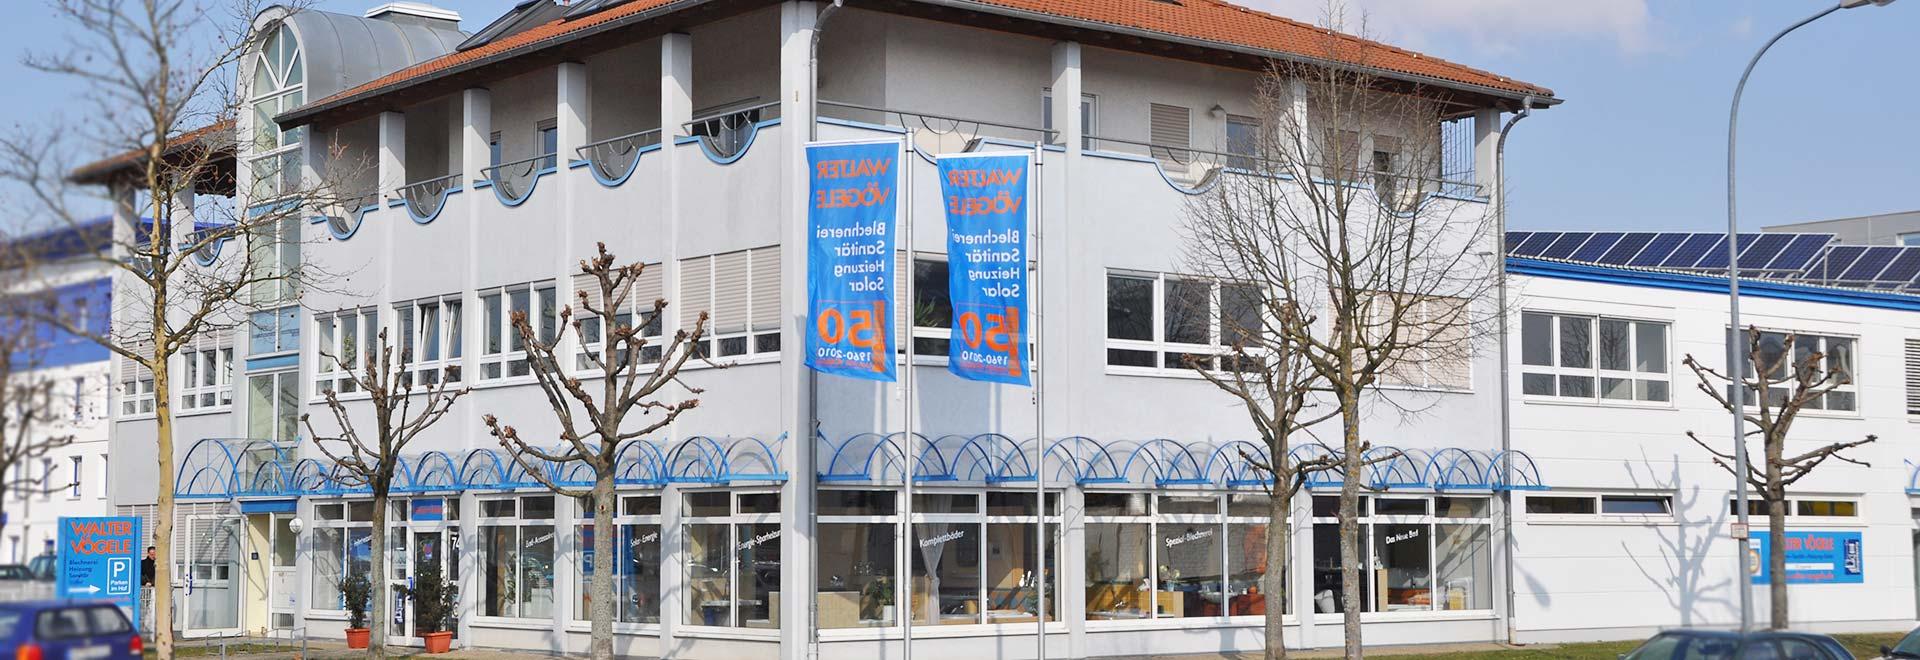 Walter Vögele GmbH in Freiburg: unser Firmensitz in Freiburg